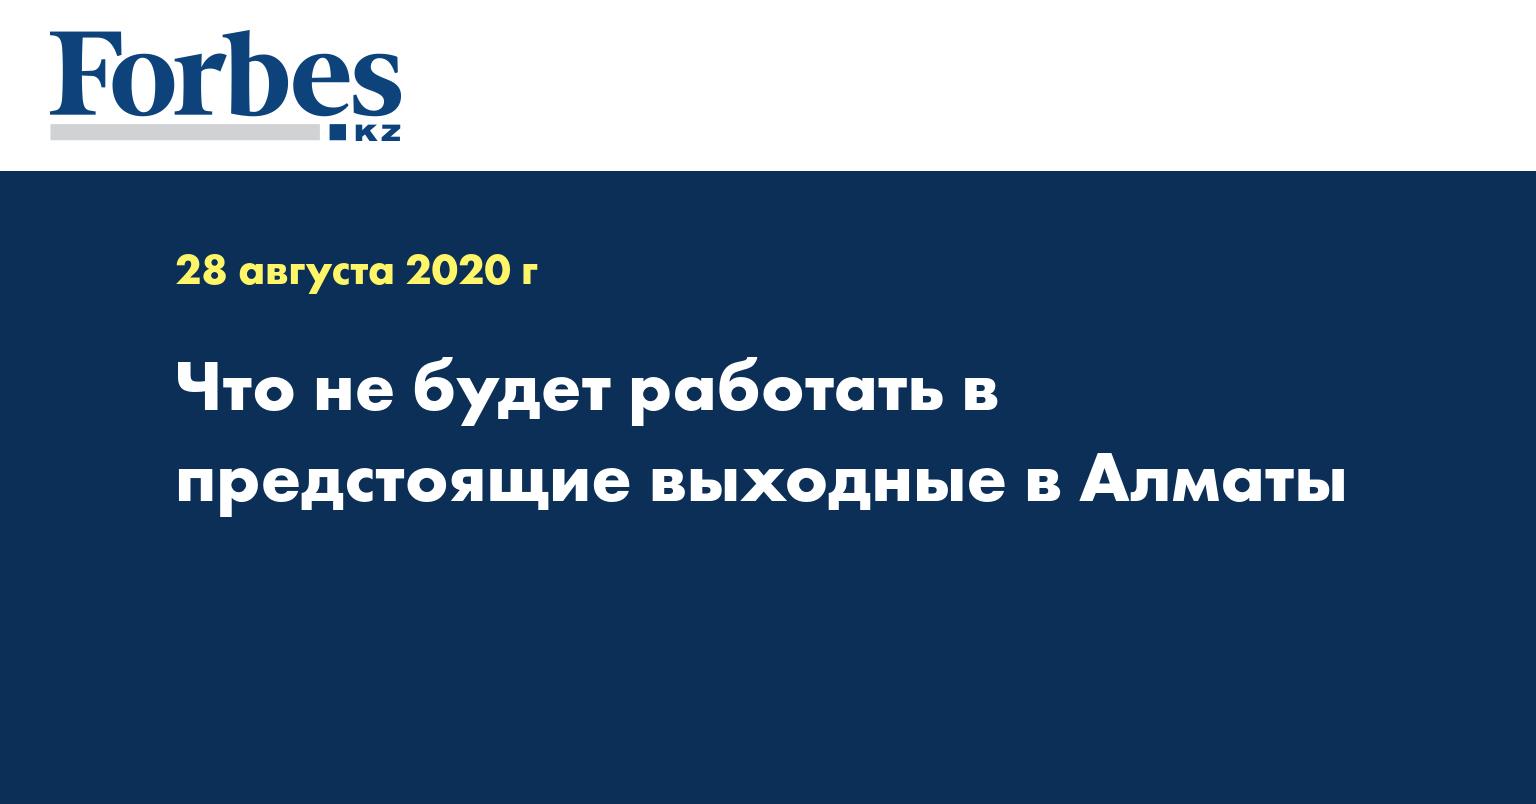 Что не будет работать в предстоящие выходные в Алматы